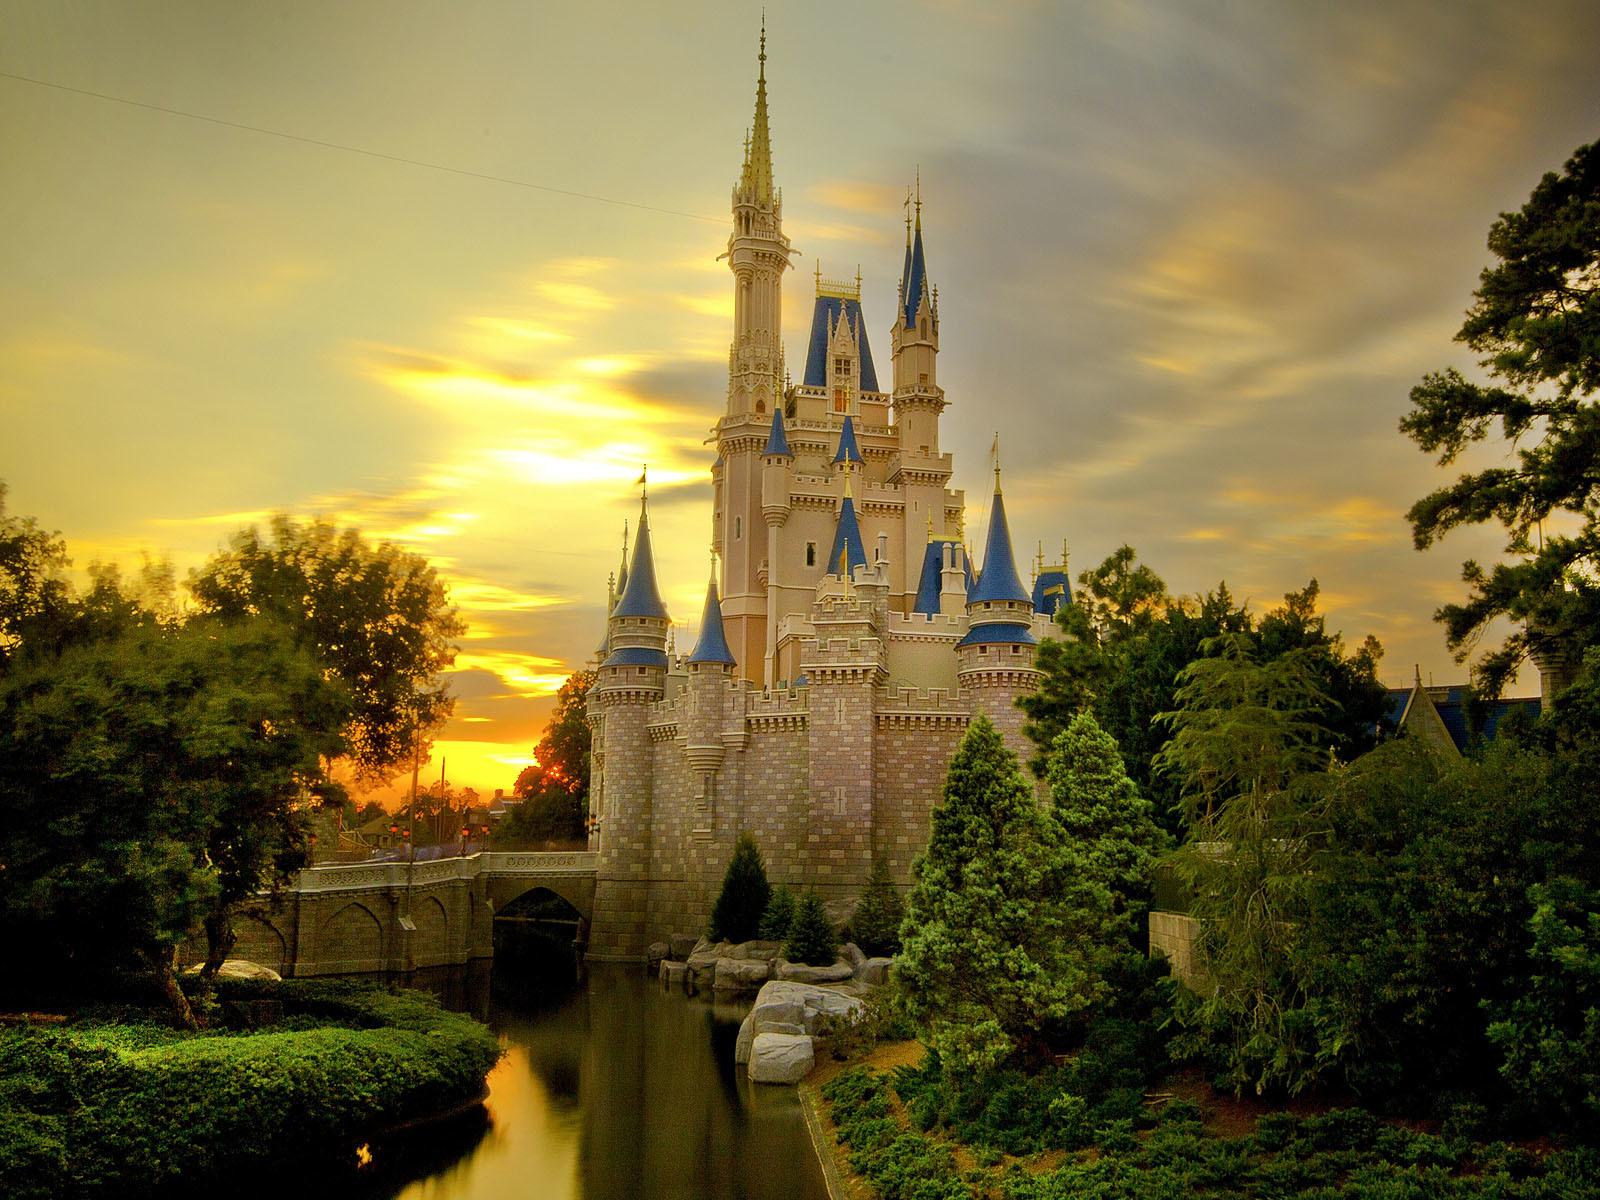 подходит красивые картинки сказочный замок различные страны